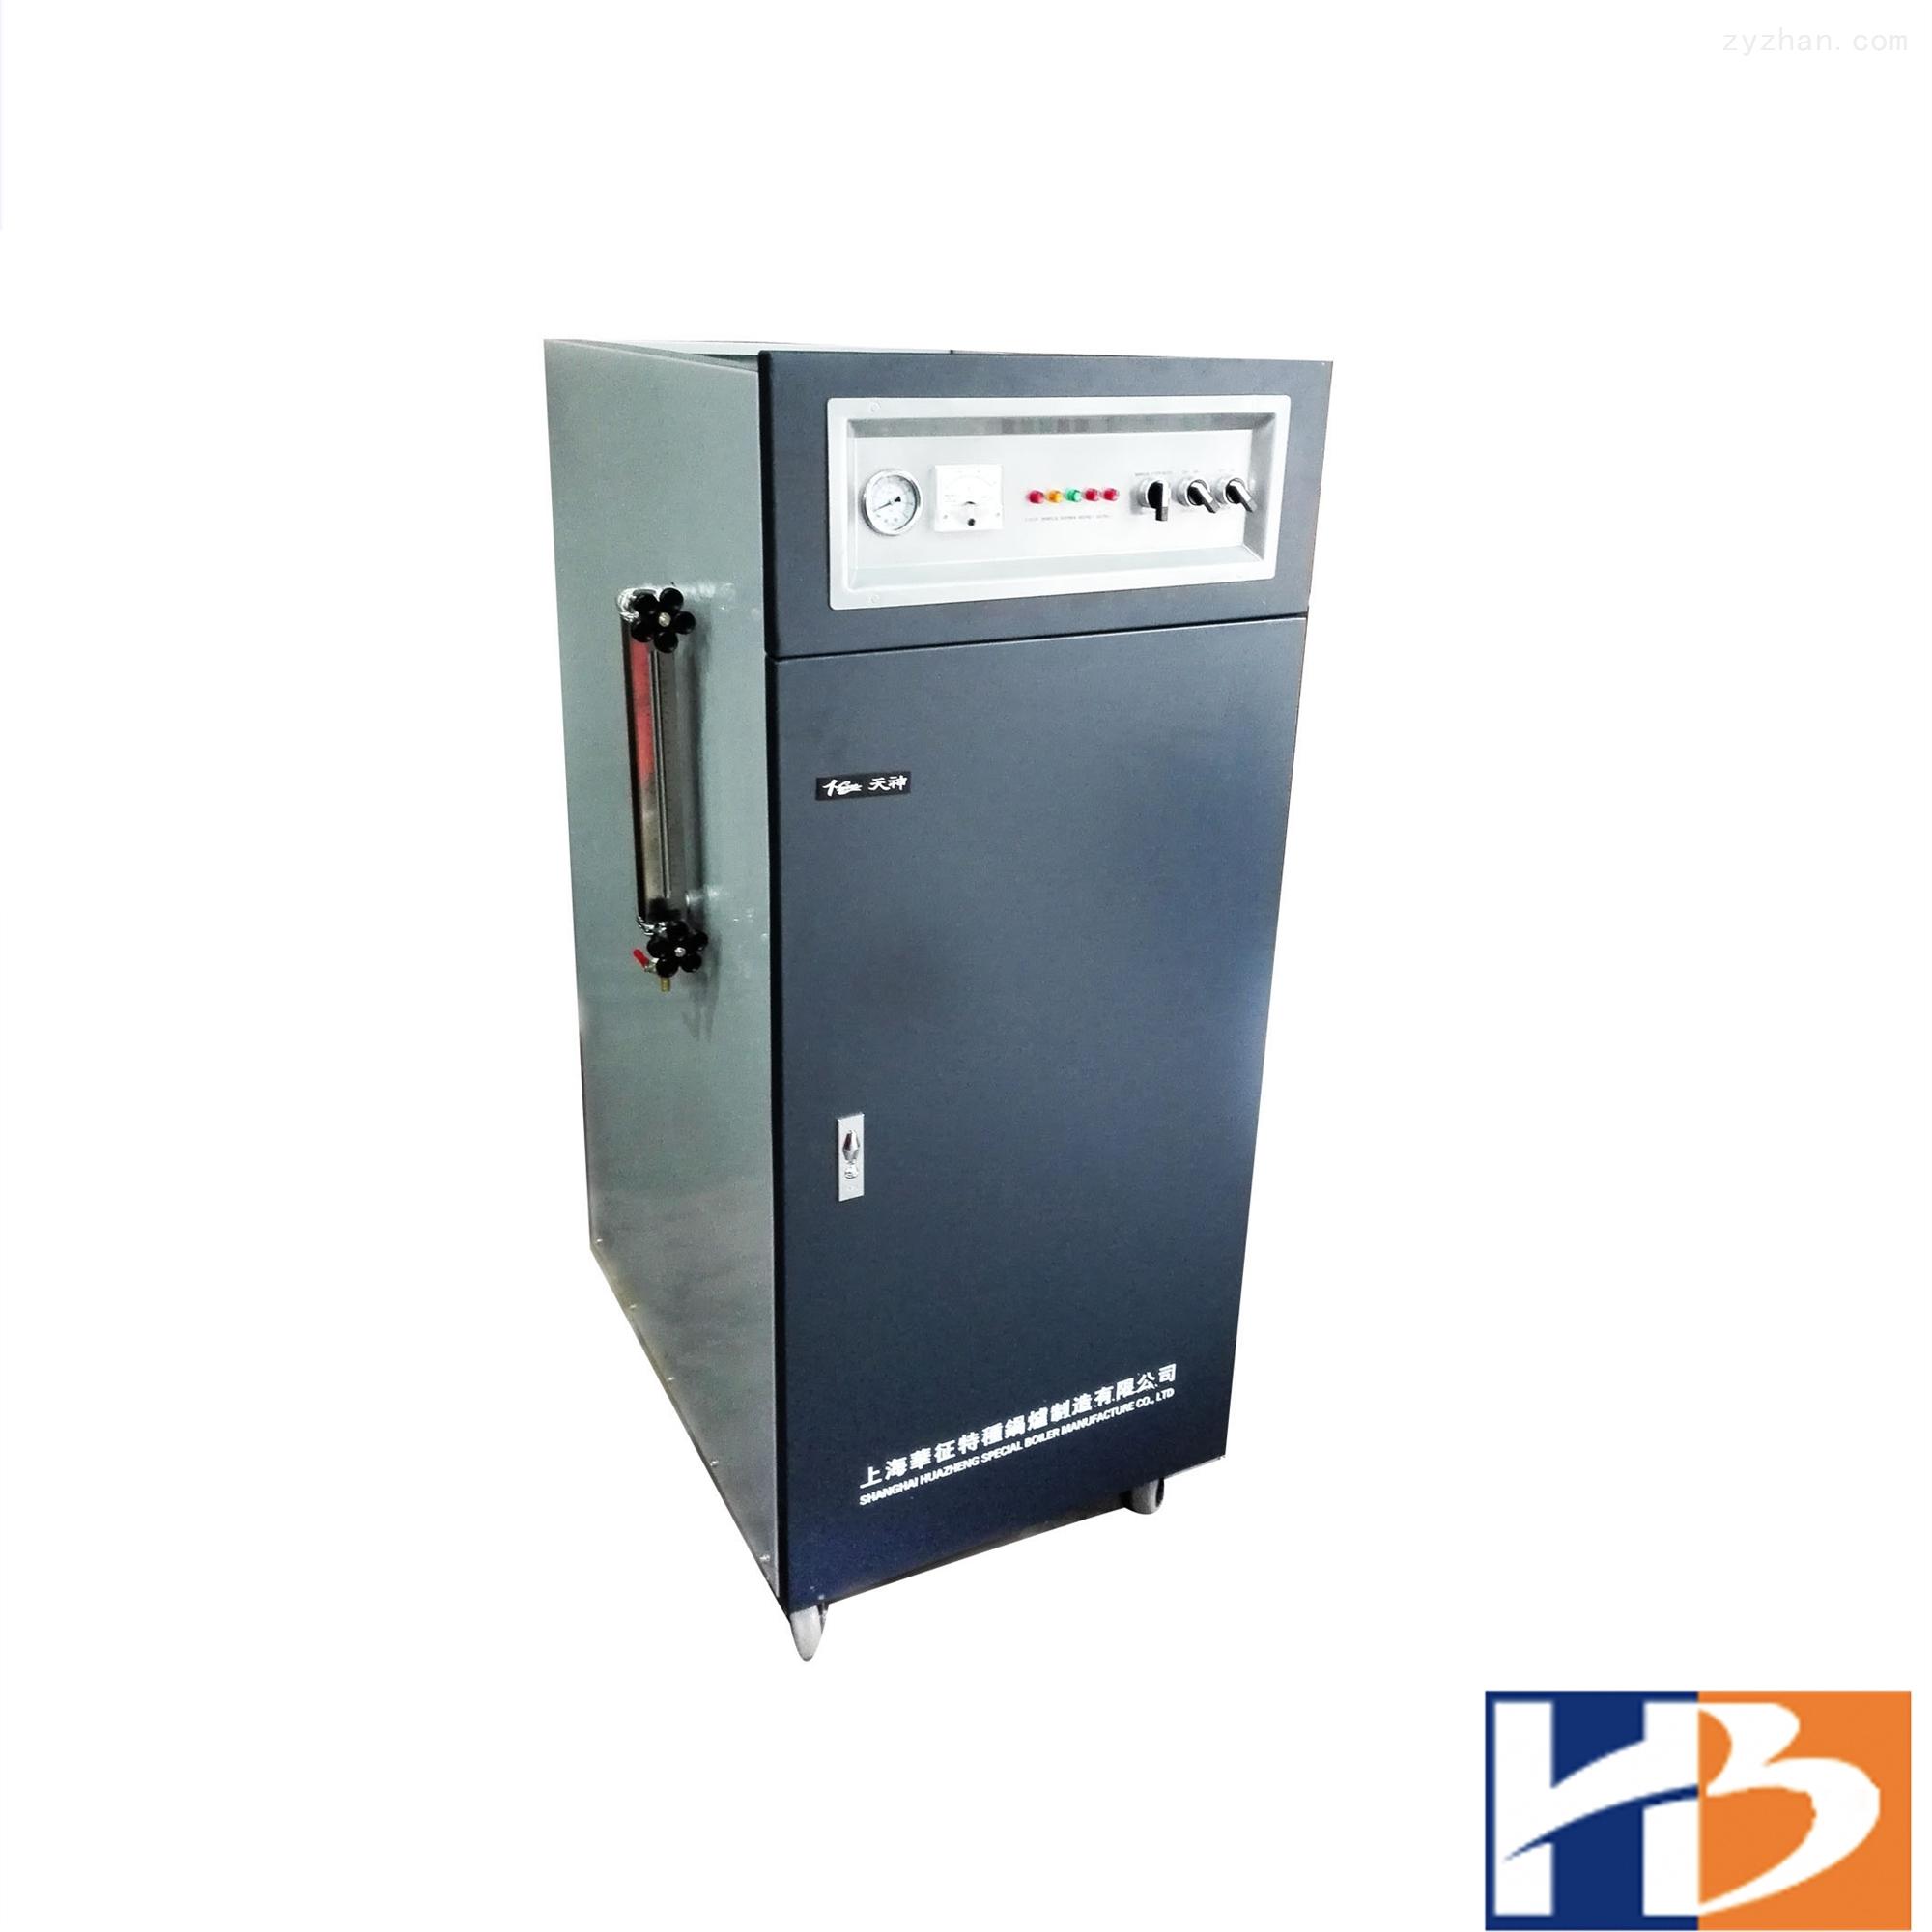 锅炉(45kw电锅炉,蒸汽锅炉,蒸汽发生器)